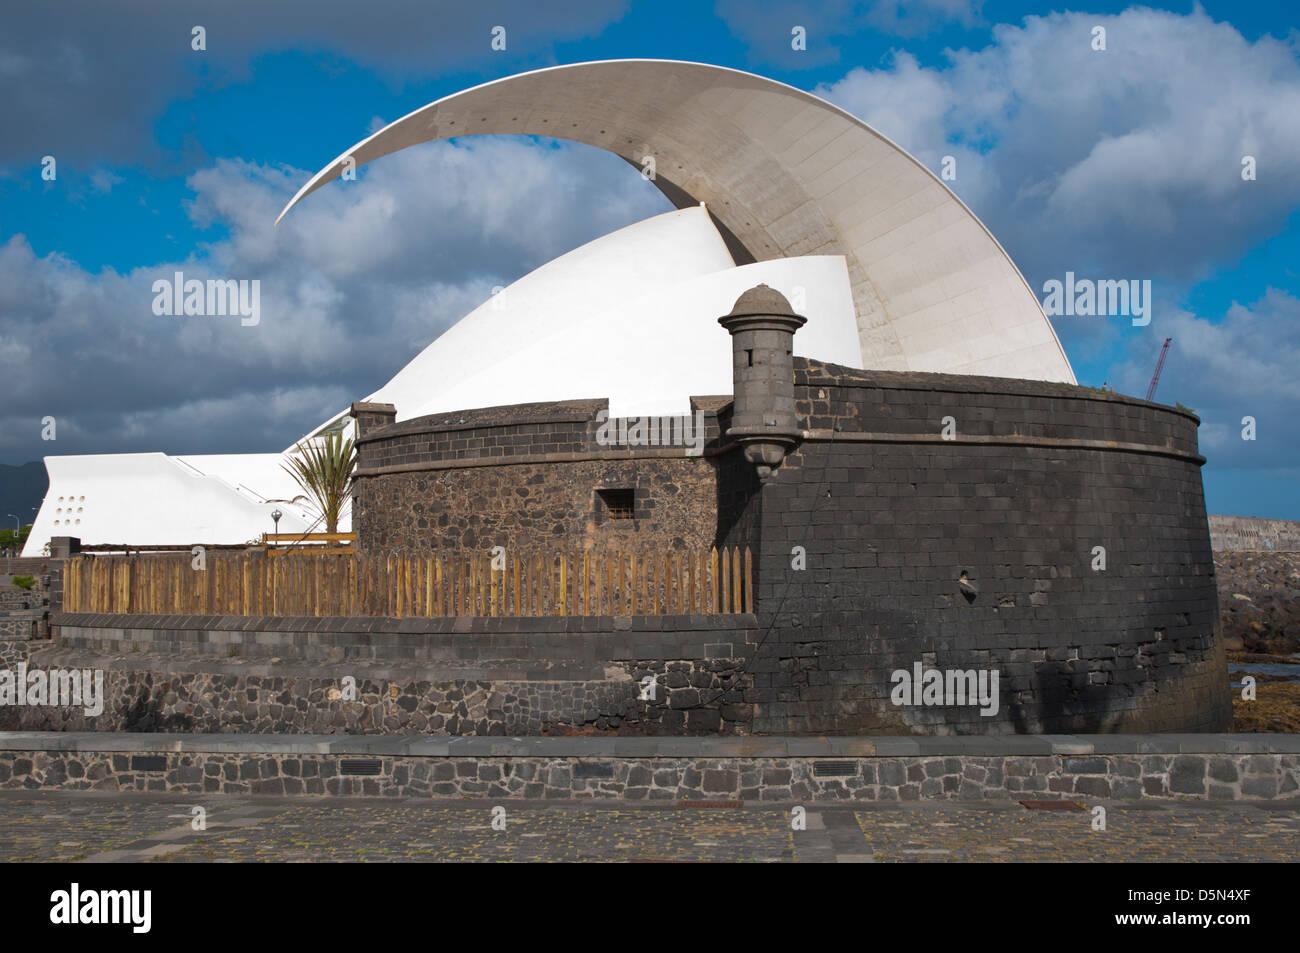 Castillo de San Juan castle and Auditorio de Tenerife building Santa Cruz city Tenerife island Canary Islands Spain - Stock Image